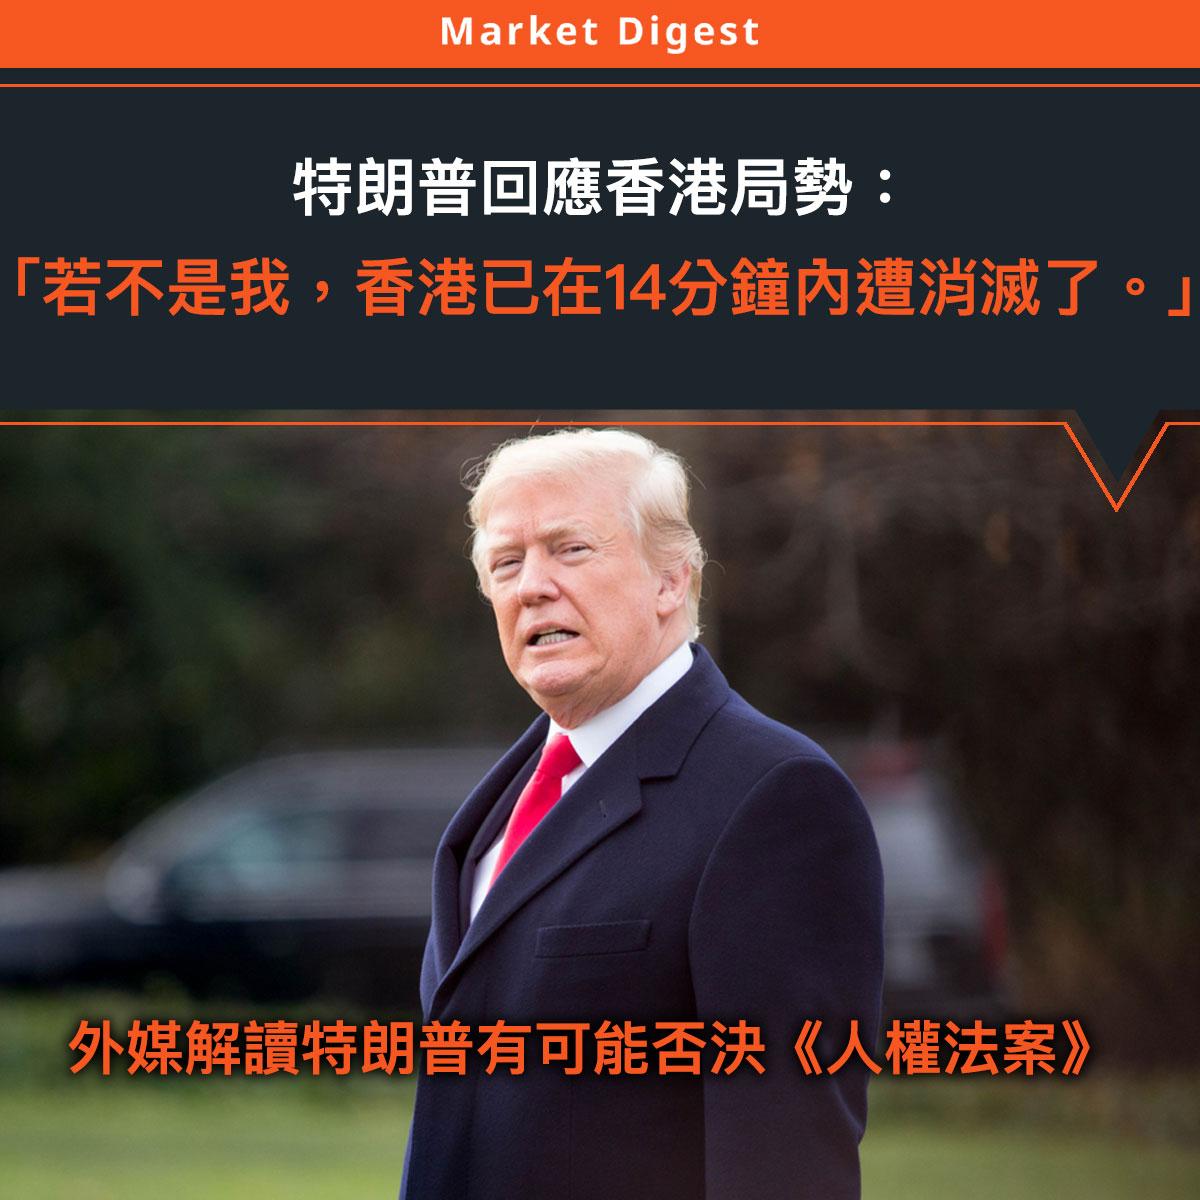 【市場熱話】特朗普回應香港局勢:「若不是我,香港已在14分鐘內遭消滅了。」